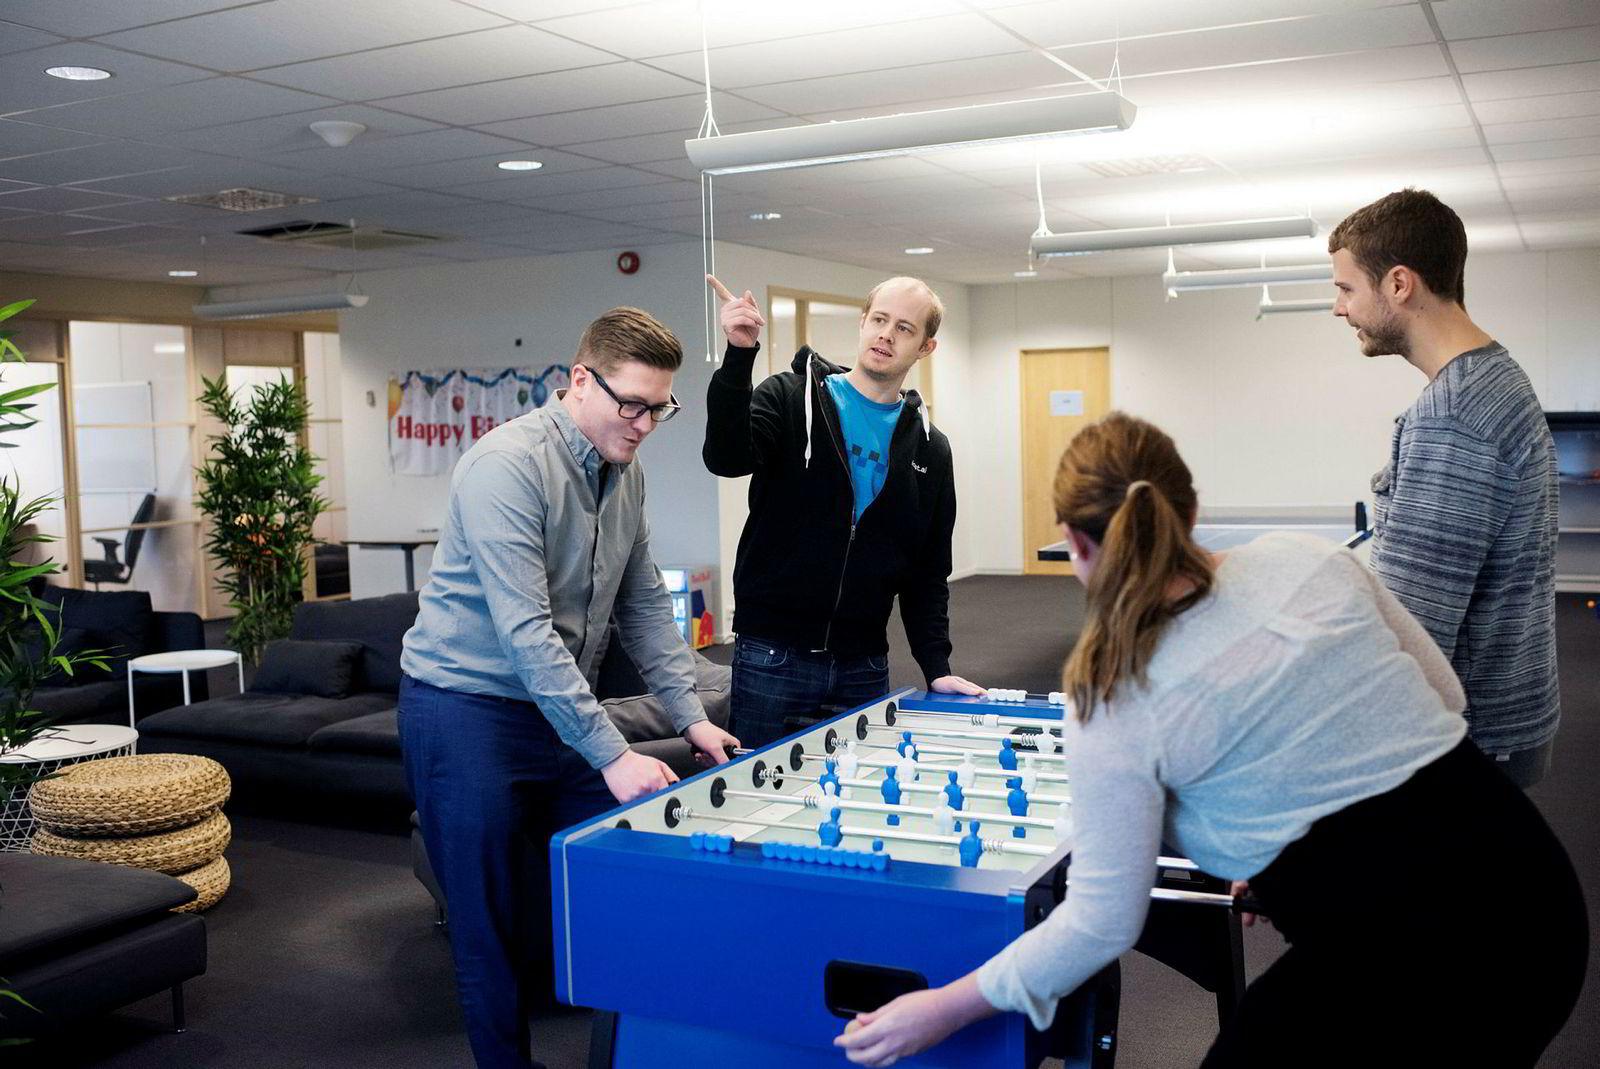 Gründerne av Boost AI har hentet penger fra Alliance Venture og etablert seg i LA. Fra venstre: Henry V. Iversen (CPO), og brødrene Lars Selsås (CEO) og Hadle Selsås (CCO). Med ryggen til: Camilla Gjetvik.